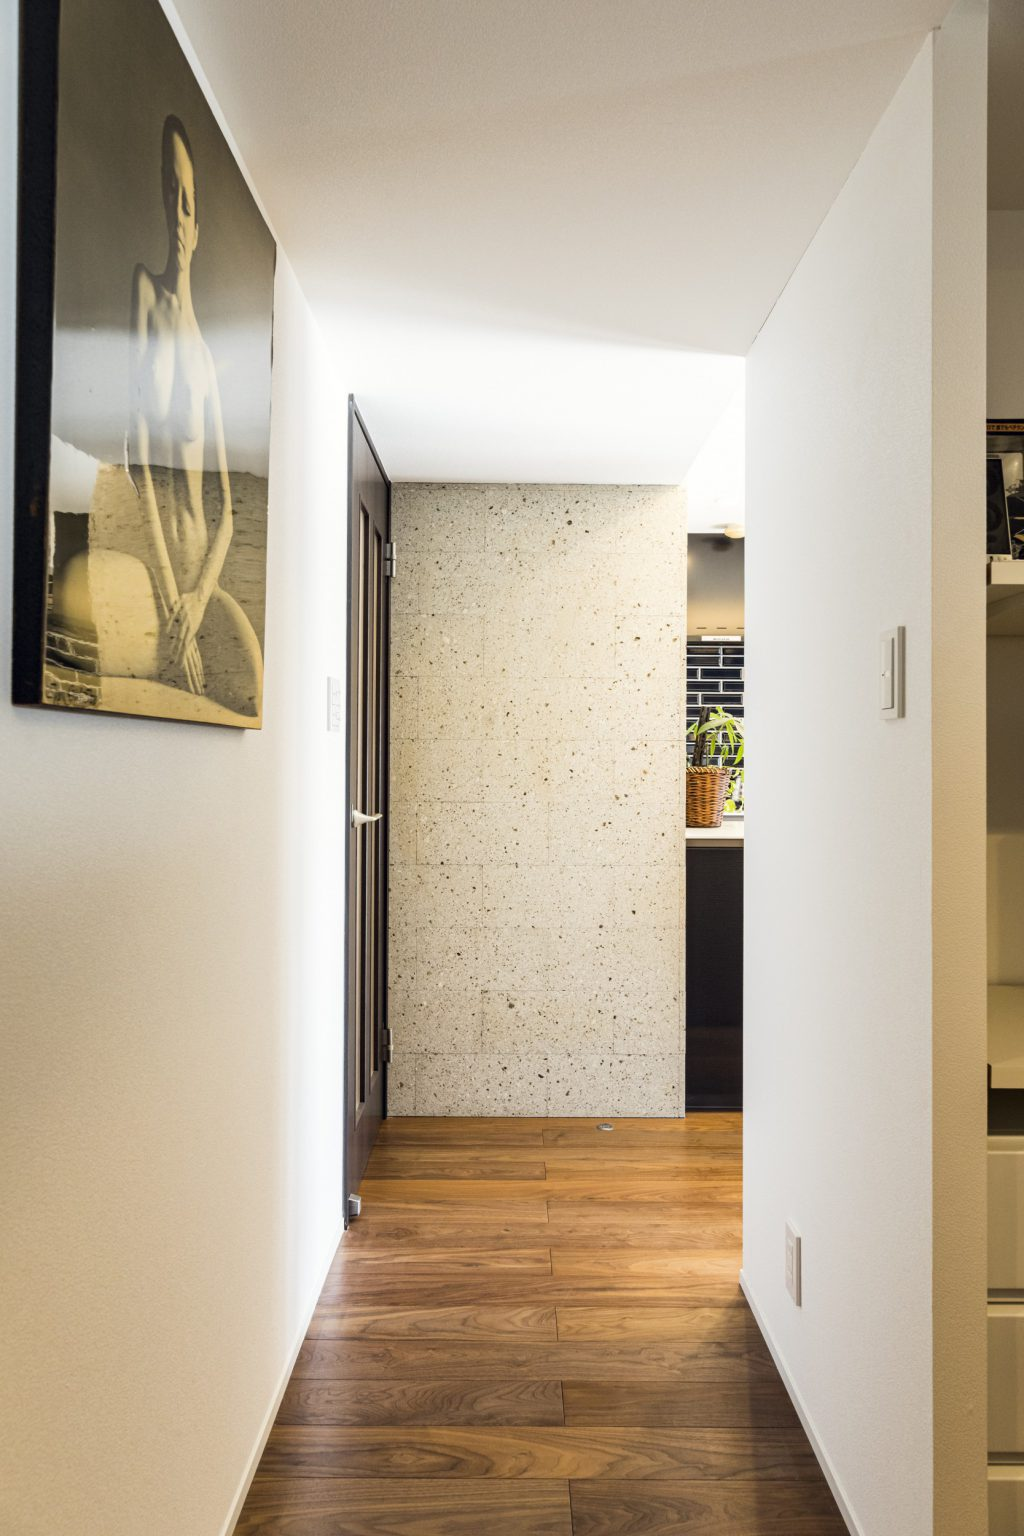 岐阜市の築20年のマンションリノベーション事例に使った大谷石